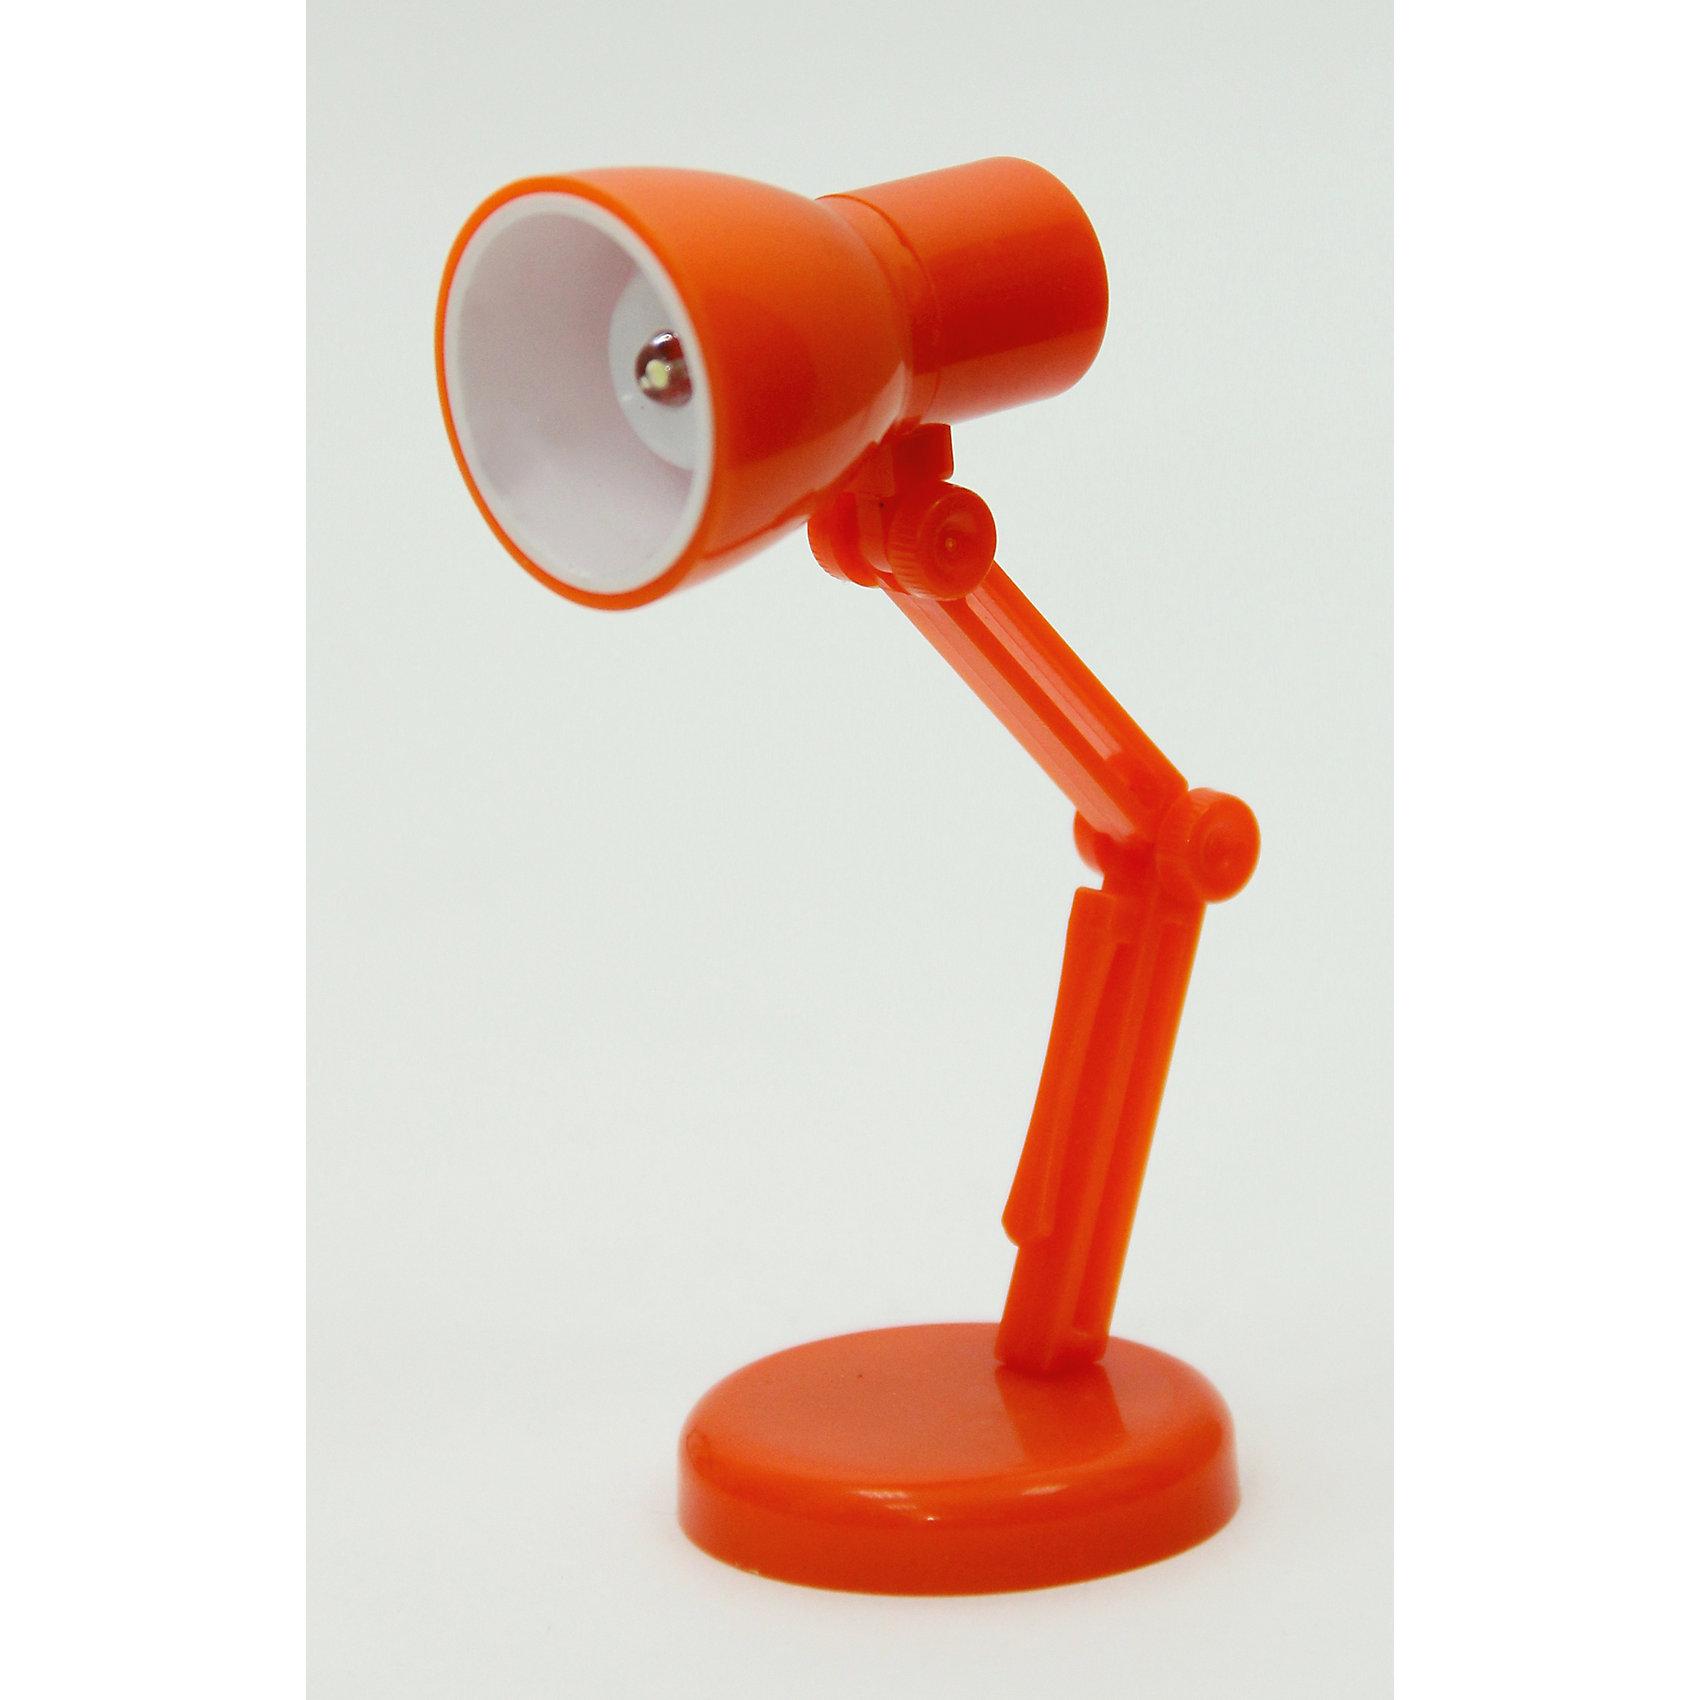 Фонарь портативный Минилампа оранжевая электрический со светодиодной лампой, Феникс-ПрезентФонарь портативный Минилампа оранжевая электрический со светодиодной лампой, Феникс-Презент<br><br>Характеристики:<br><br>• компактный фонарик со светодиодной лампой<br>• размер: 12х4,6 см<br>• корпус из АБС пластика<br>• светодиодная лампа DIA 5 мм<br>• питание: батарейка AG 10 - 3 шт.<br>• цвет: оранжевый<br><br>С портативным фонариком Минилампа оранжевая вы сможете найти потерянные предметы или даже почитать в темноте. Компактный размер позволяет брать фонарик с собой. При этом светодиодные лампы обладают достаточной мощностью для полноценного освещения. Корпус изделия изготовлен из ударопрочного пластика. Фонарик выполнен в виде лампы.<br><br>Фонарь портативный Минилампа оранжевая электрический со светодиодной лампой, Феникс-Презент можно купить в нашем интернет-магазине.<br><br>Ширина мм: 50<br>Глубина мм: 60<br>Высота мм: 120<br>Вес г: 56<br>Возраст от месяцев: 36<br>Возраст до месяцев: 2147483647<br>Пол: Унисекс<br>Возраст: Детский<br>SKU: 5449688